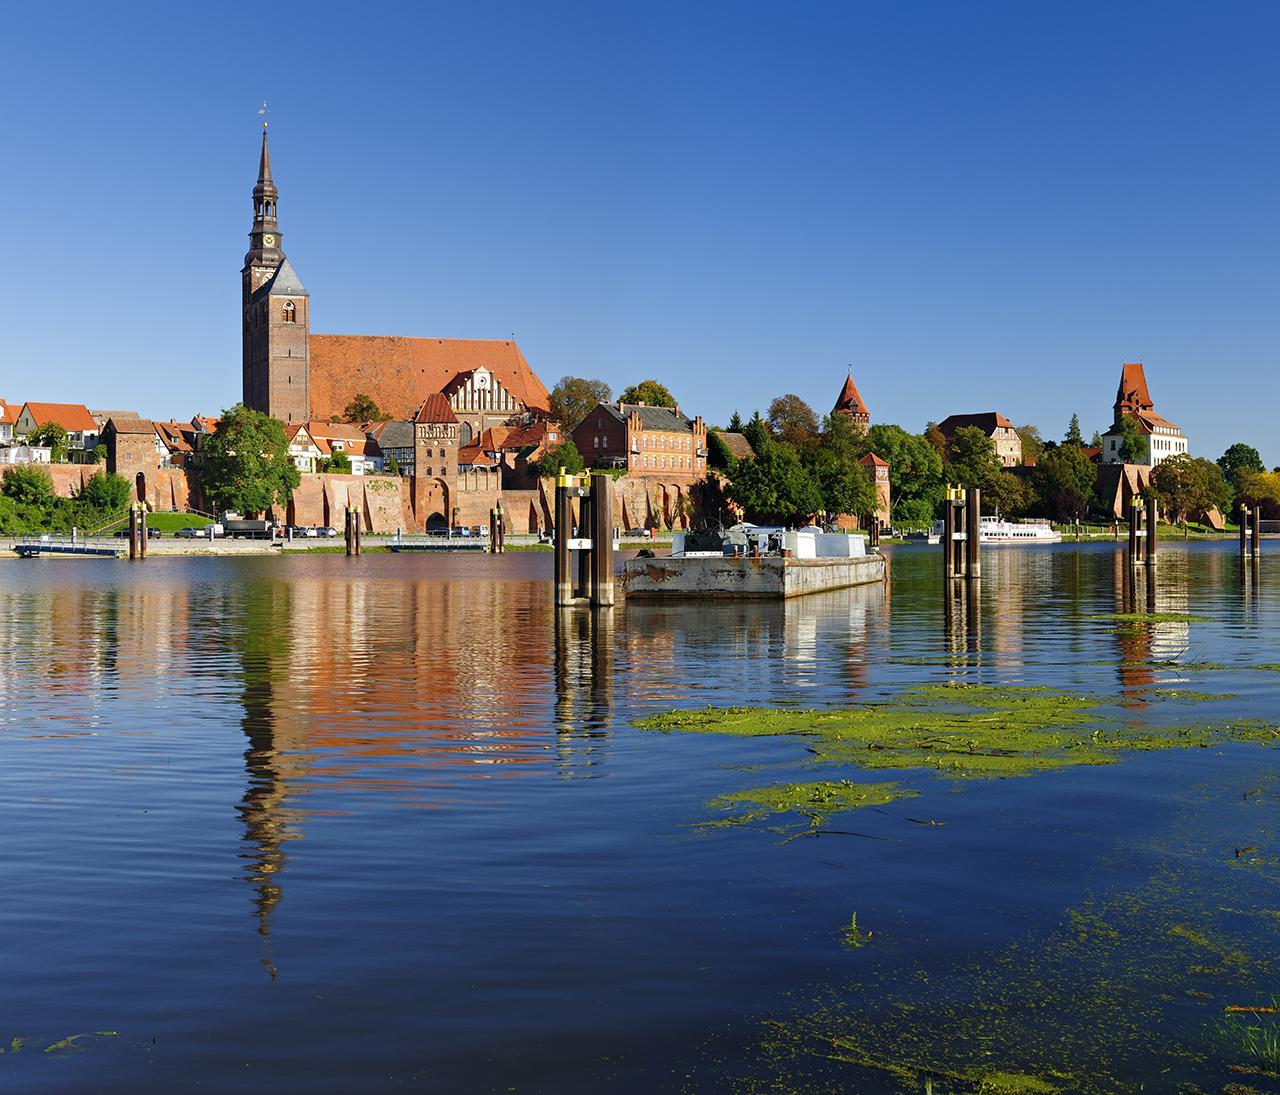 Галерея: 10 самых красивых маленьких городов Германии, о которых вы точно не слышали рис 6